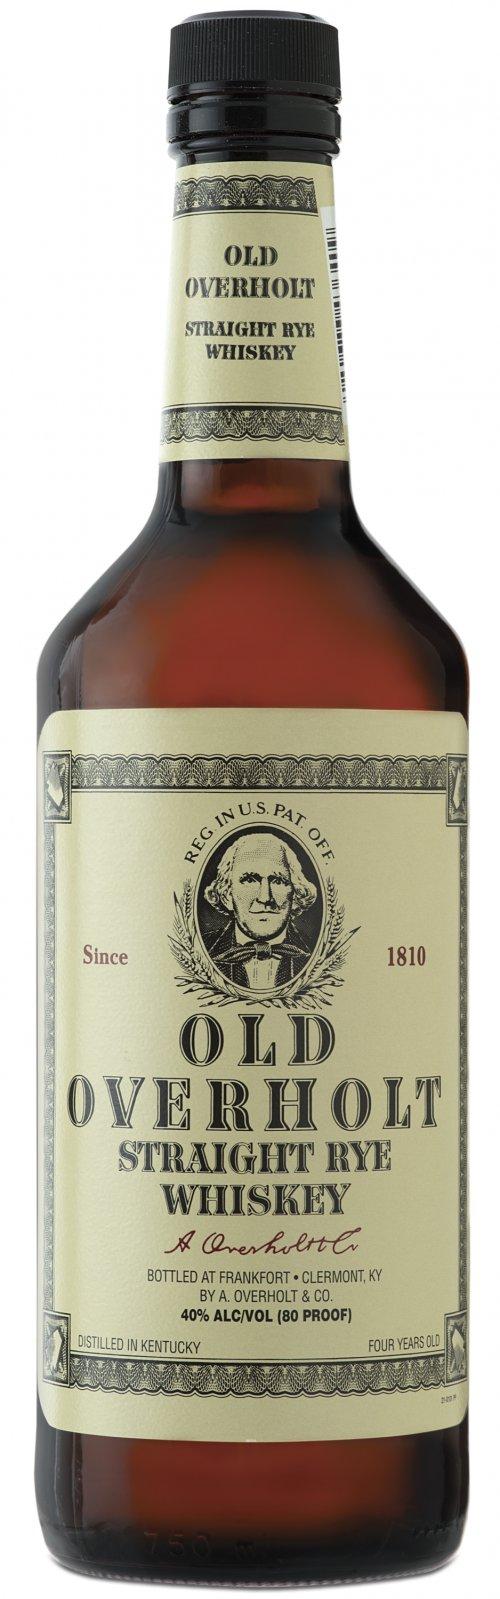 Old Overholt Rye